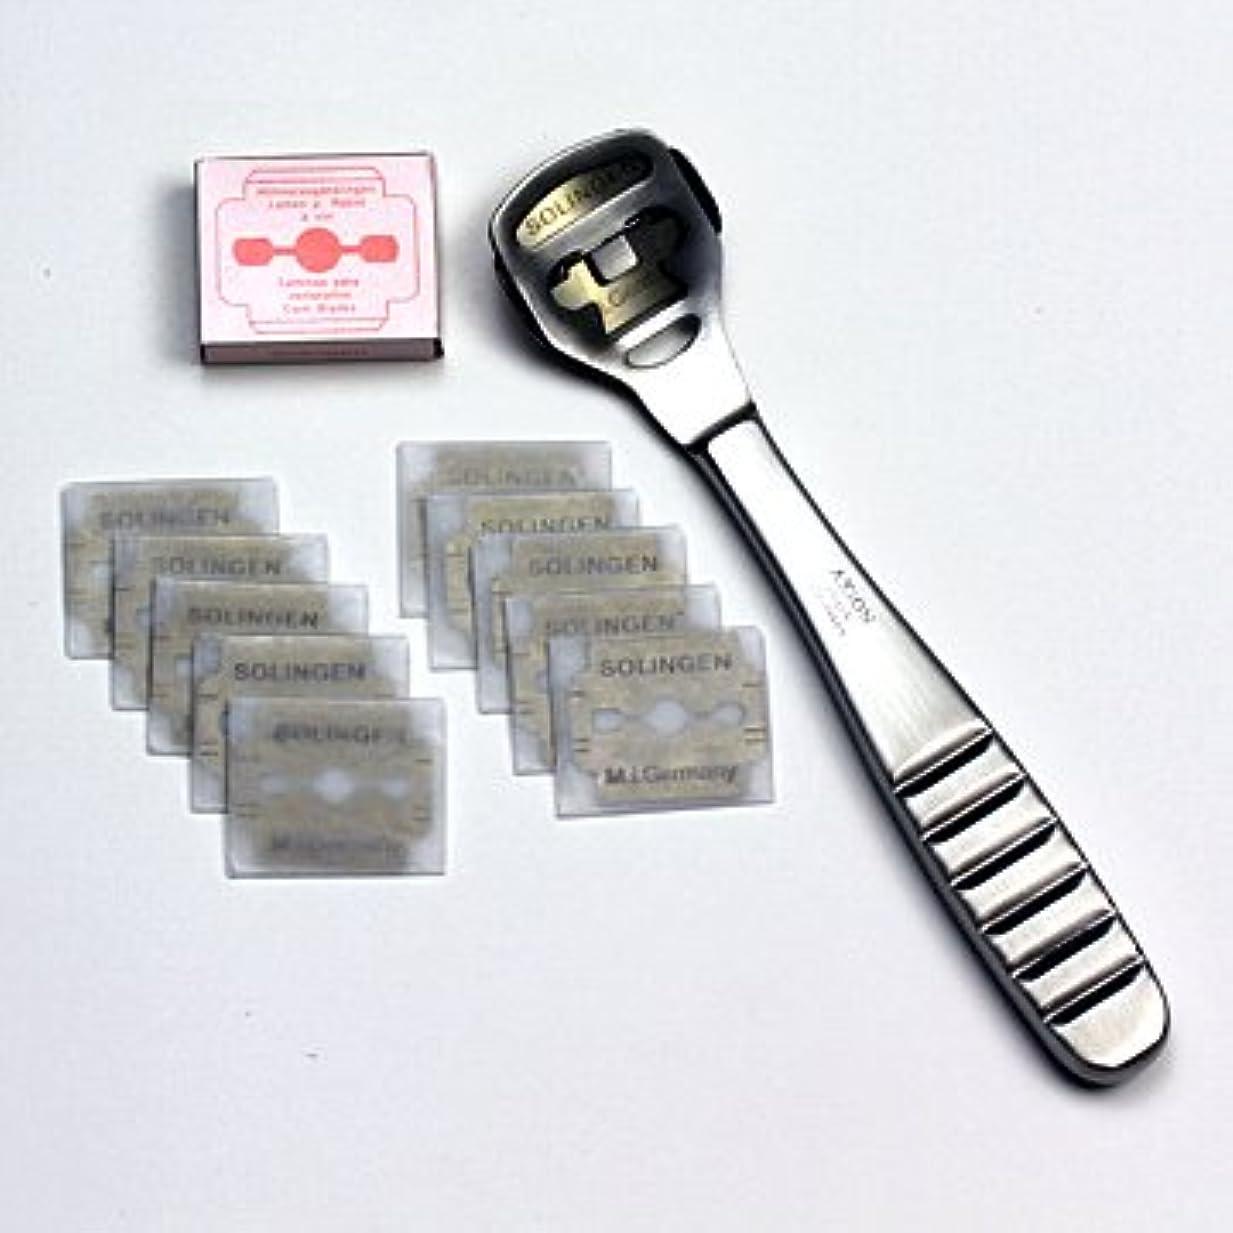 ループ価値のない湖ドイツ?ゾーリンゲン AXiON(アクシオン)ステンレス製かかと削り器(ゾーリンゲン製替刃11枚付) #slg008420fba